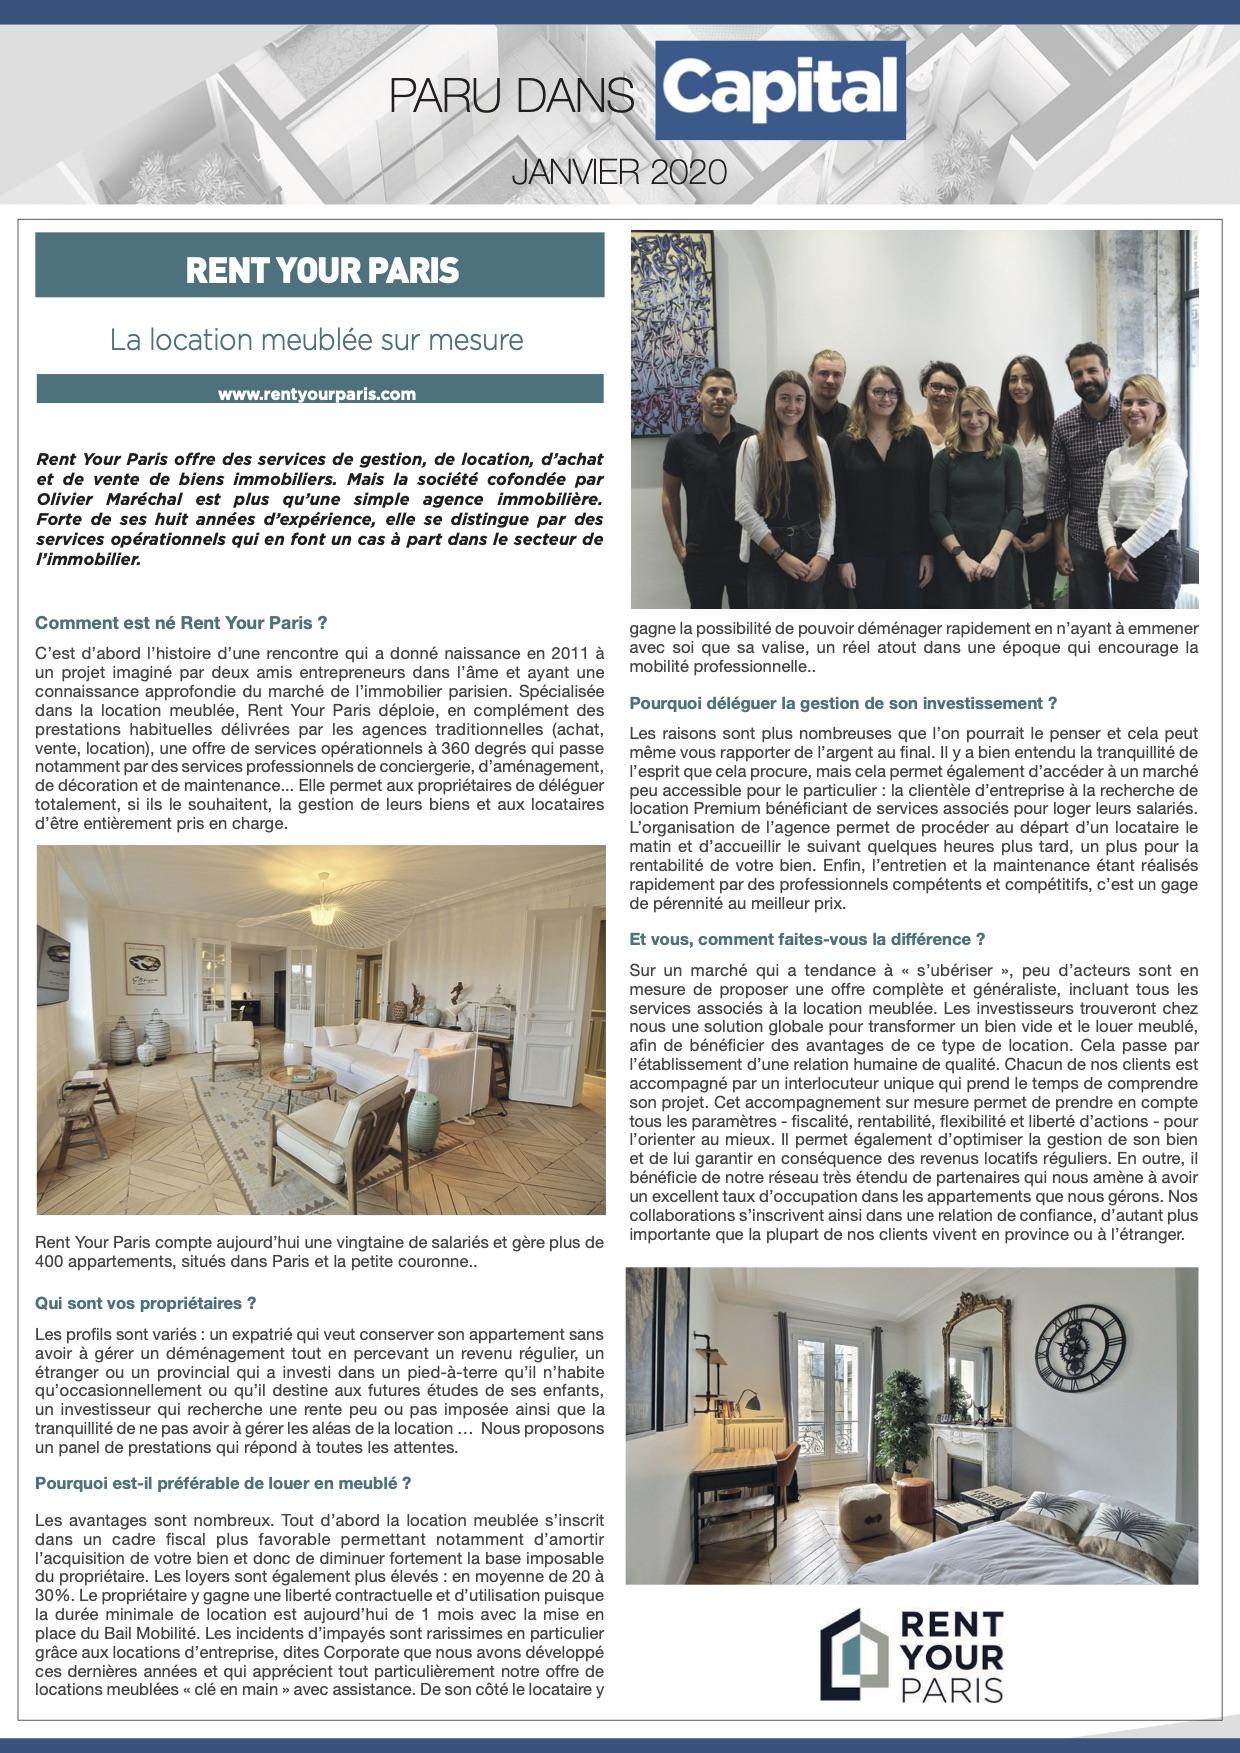 RENT YOUR PARIS dans le dossier Investissement & Gestion Immobilière de CAPITAL